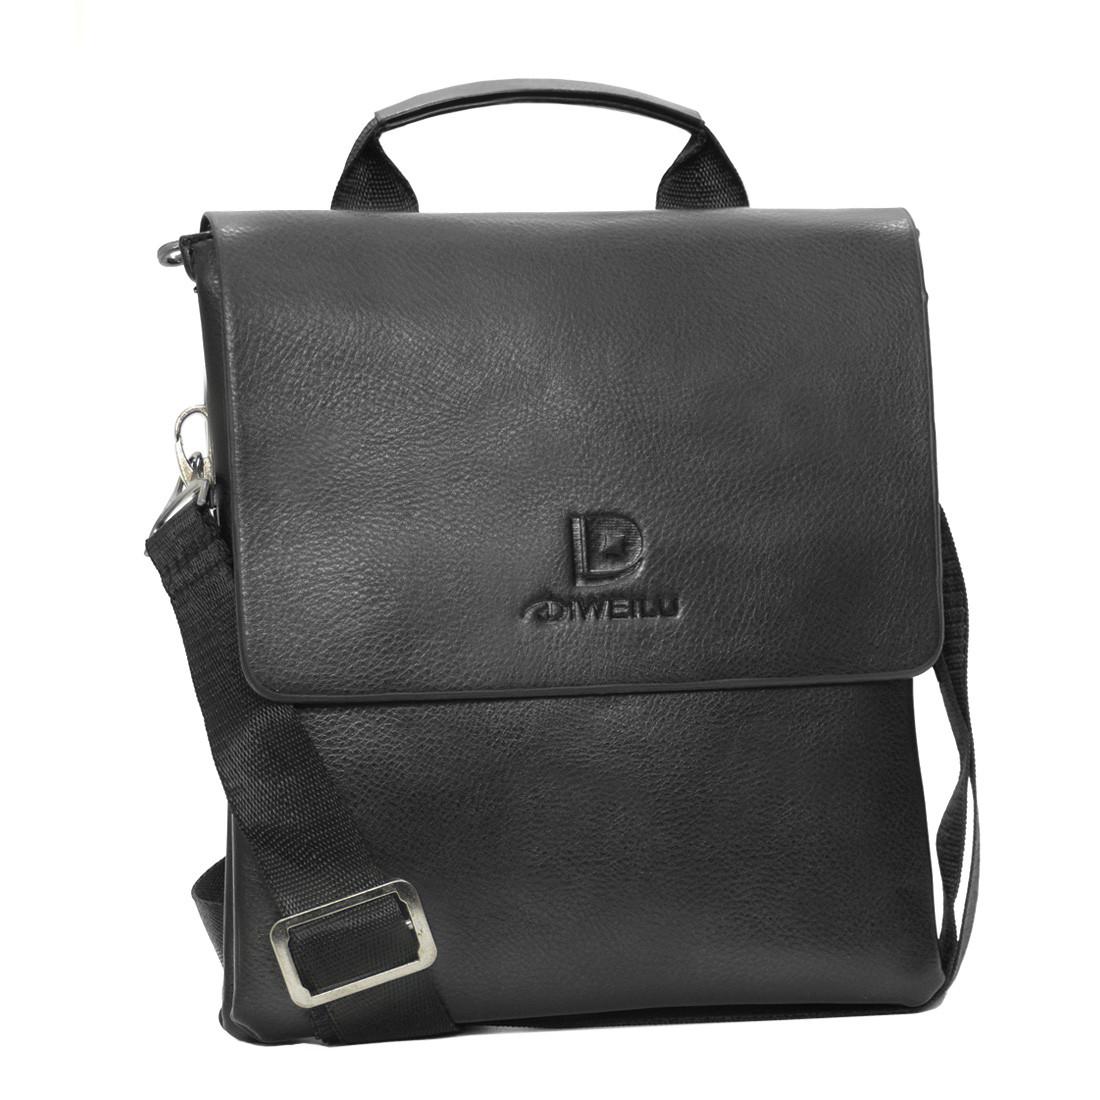 Мужская сумка мессенджер DIWEILU вертикальная 21х25х6 3 отдела м 0716-3ч